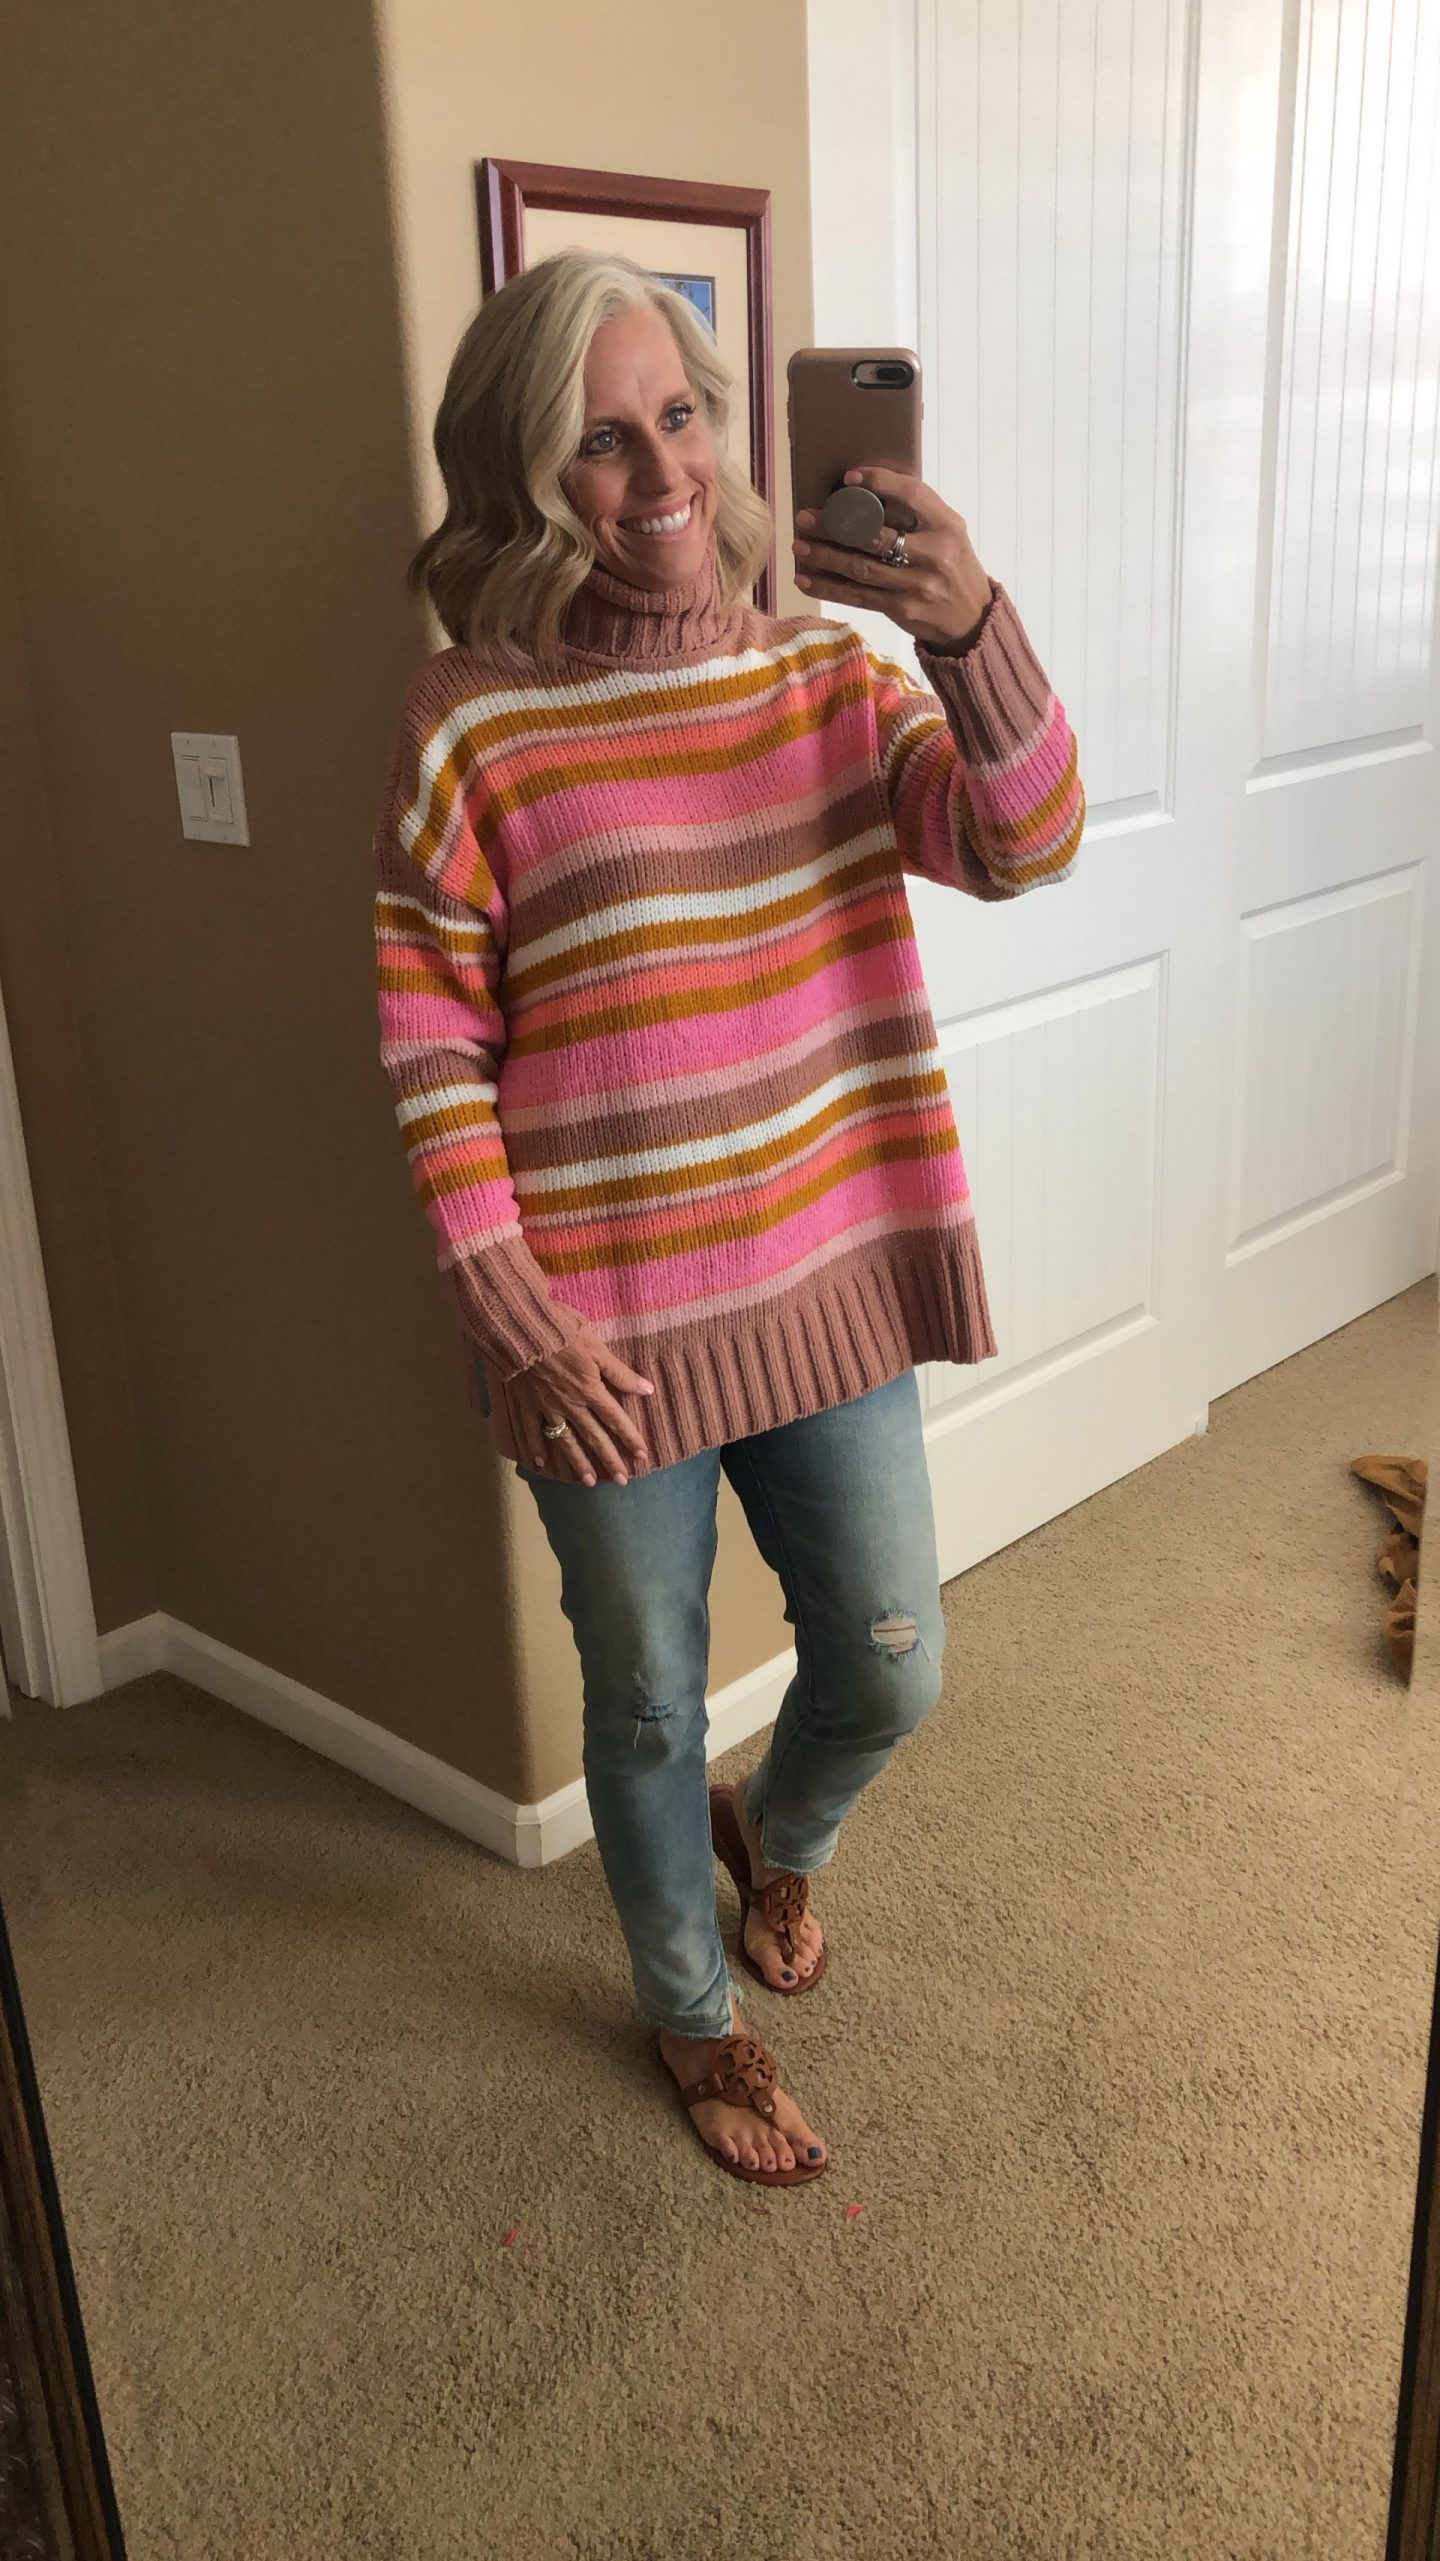 American Eagle Sweater, Coast to Coast